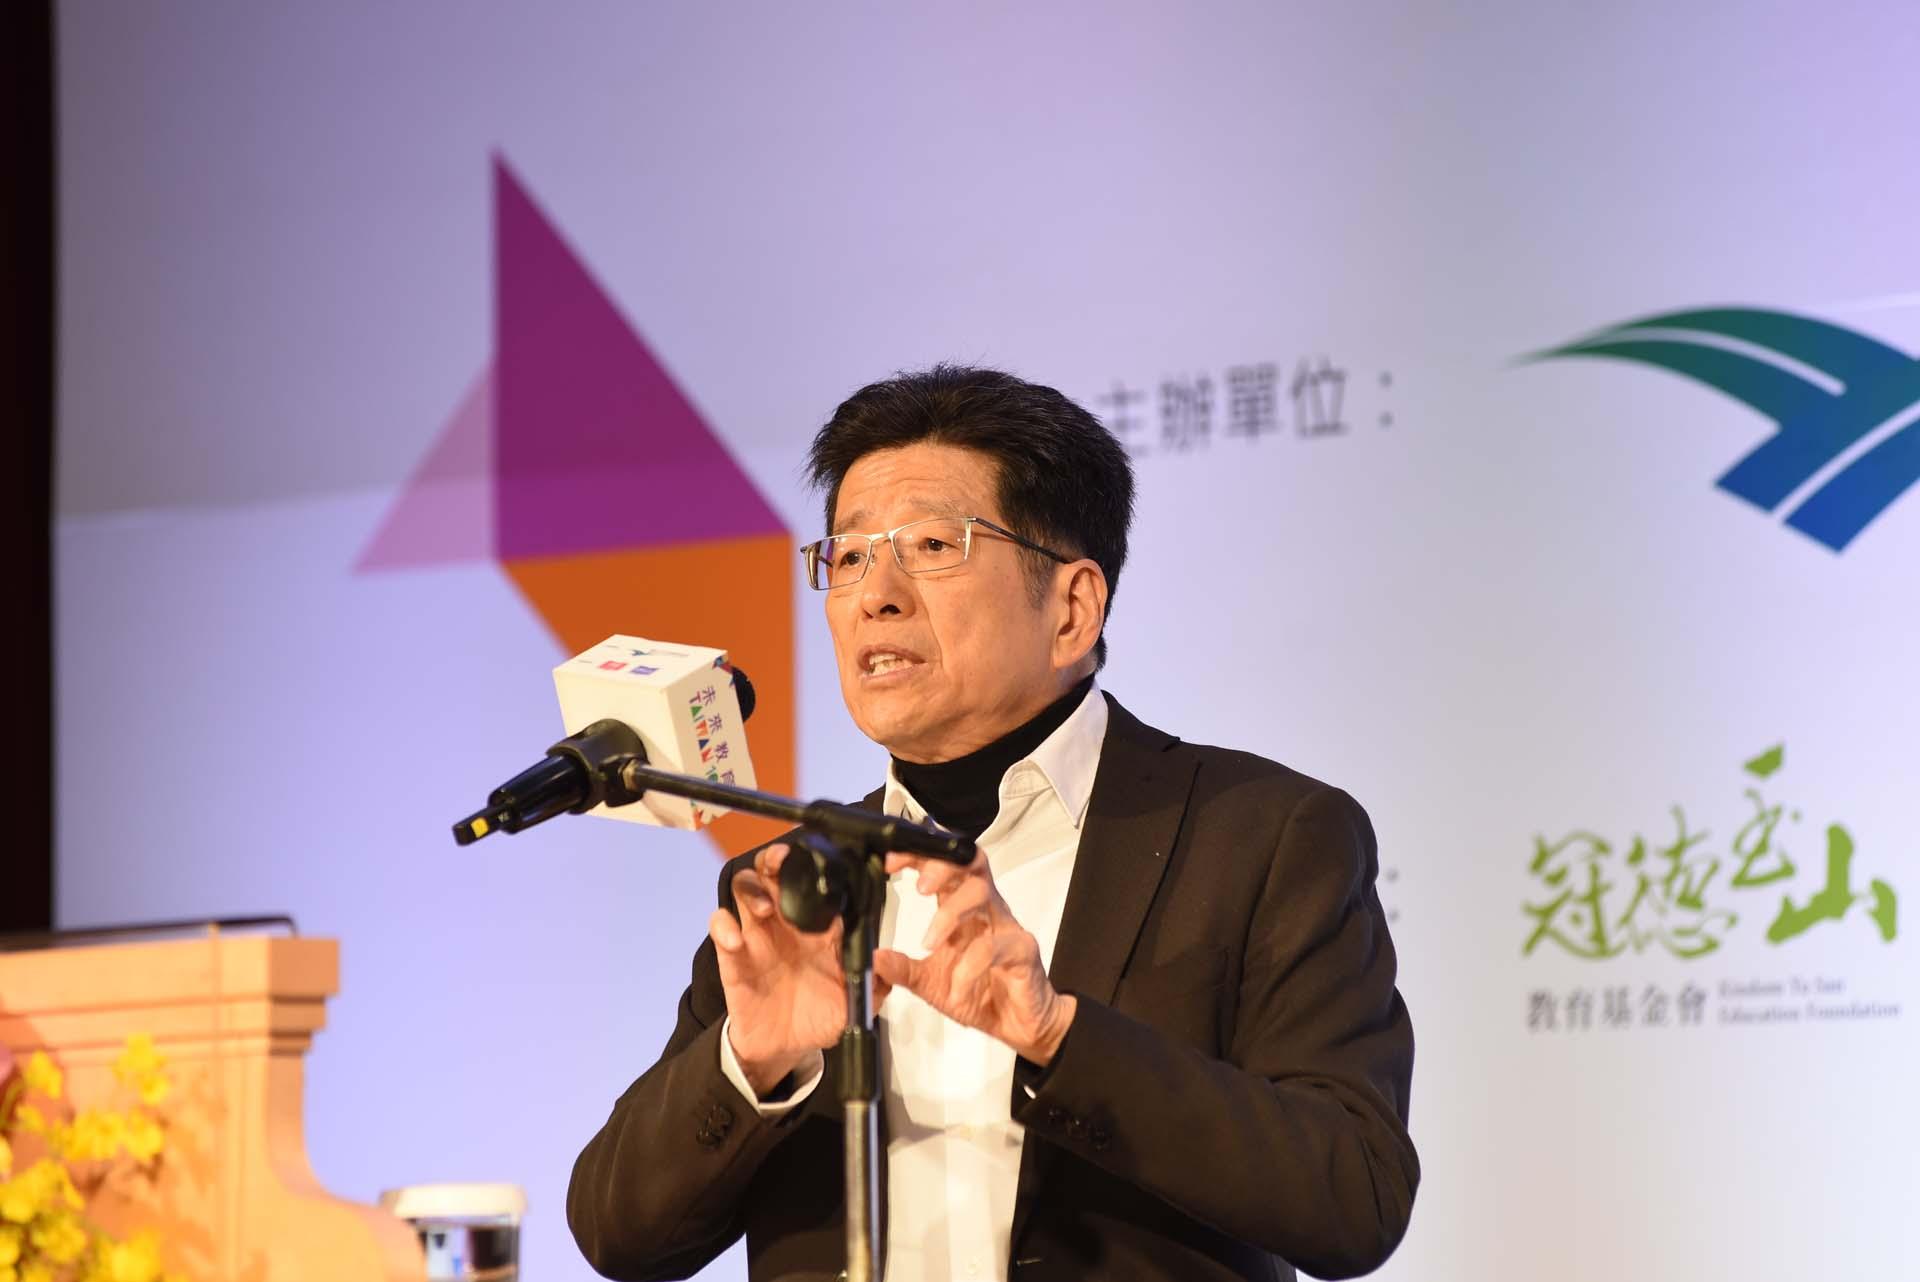 公益平台文化基金會嚴長壽董事長,以為題進行演講。